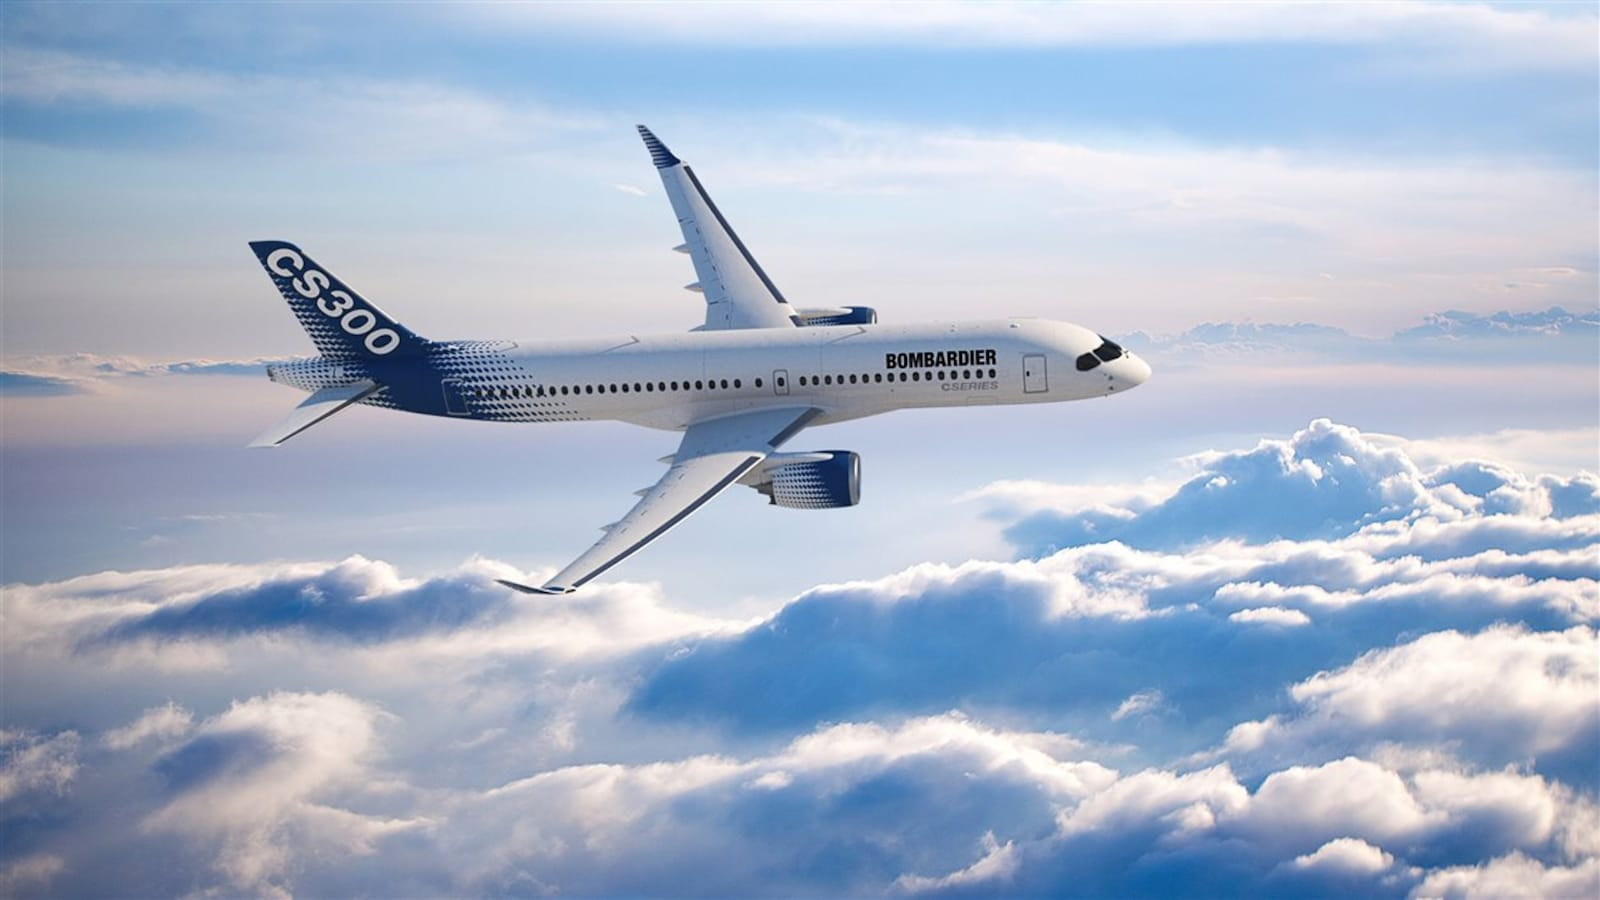 Un avion CS300 vole au-dessus des nuages.